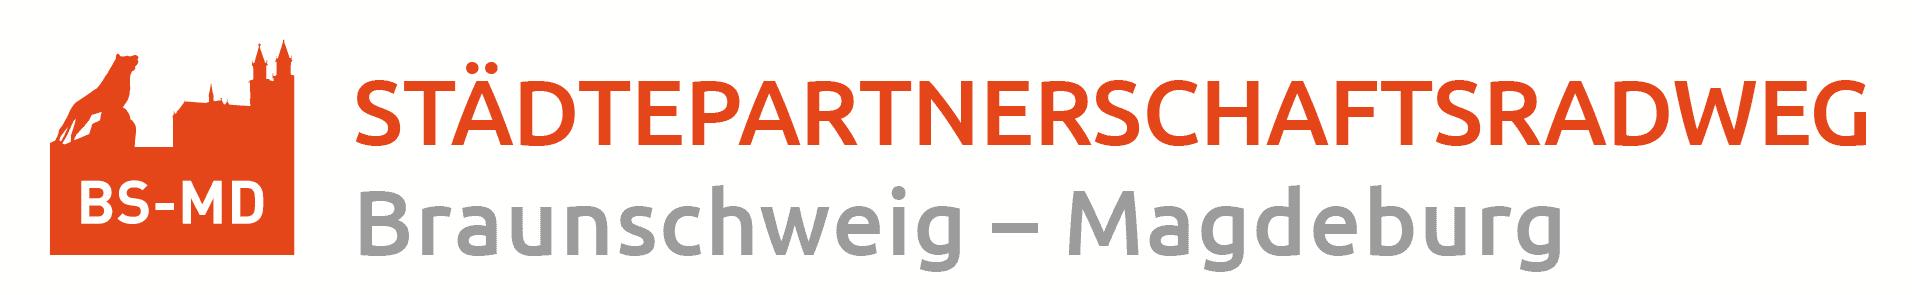 Städtepartnerschaftsradweg | Braunschweig - Magdeburg